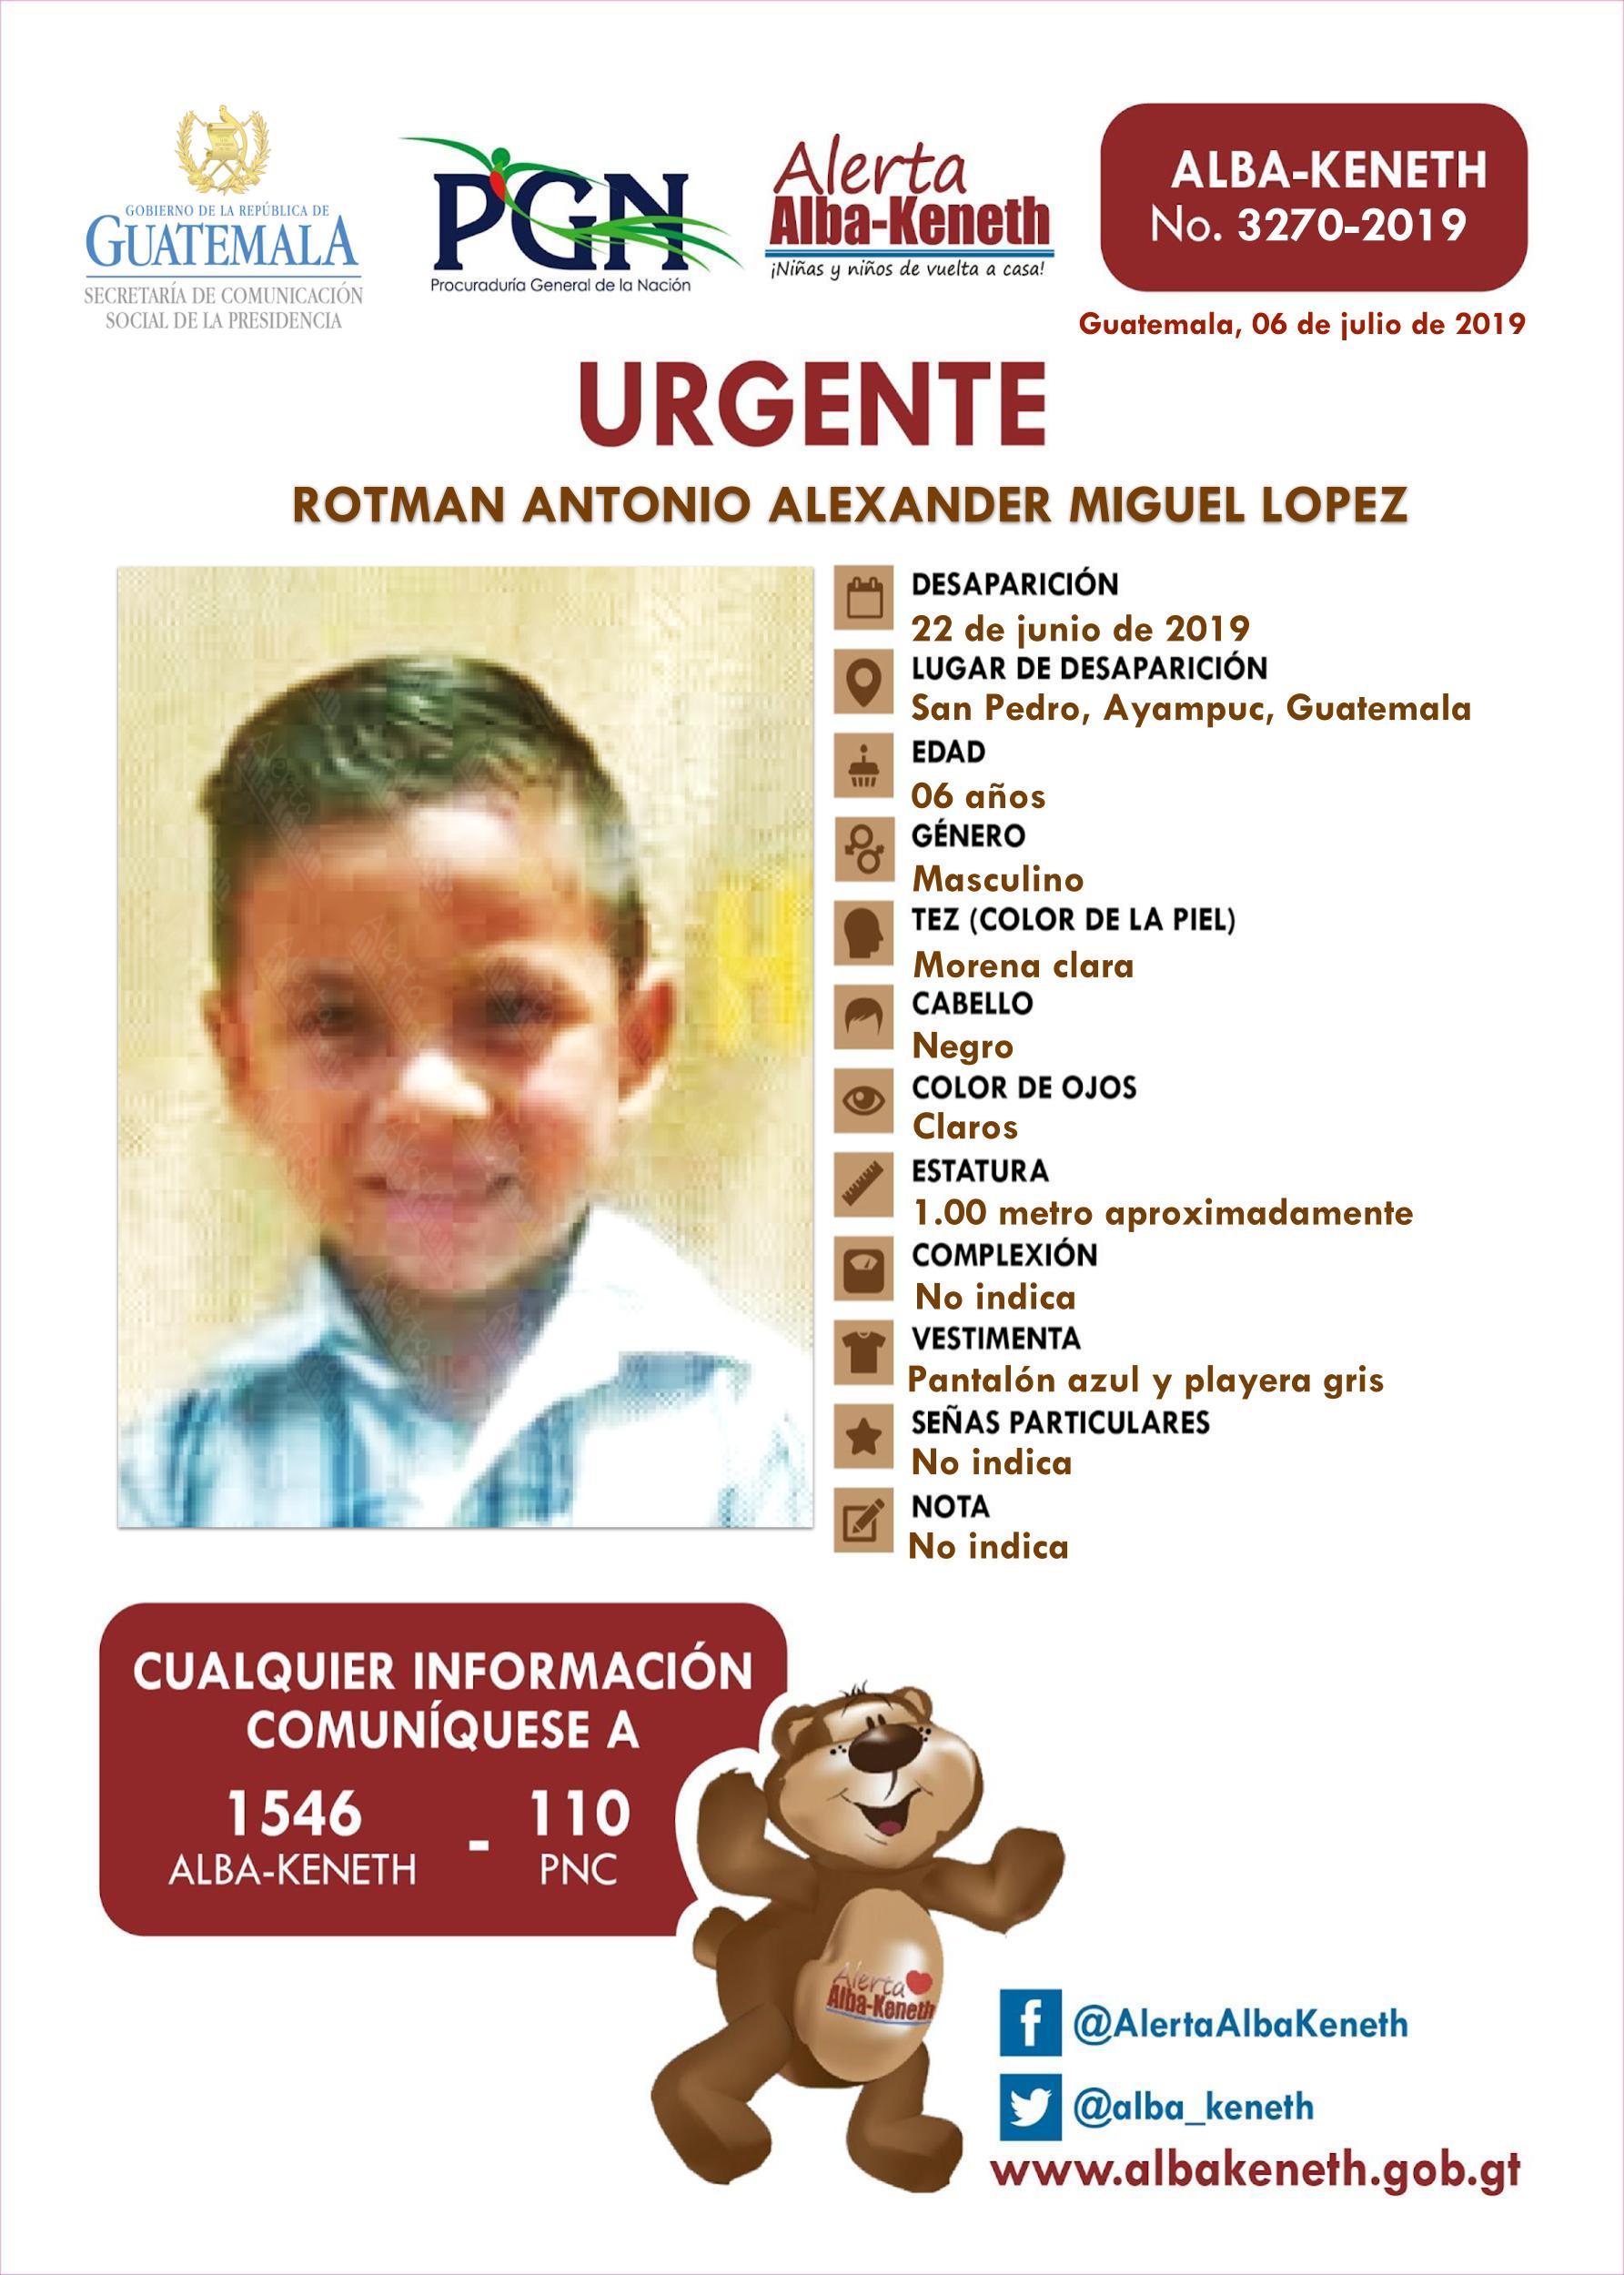 Rotman Antonio Alexander Miguel Lopez